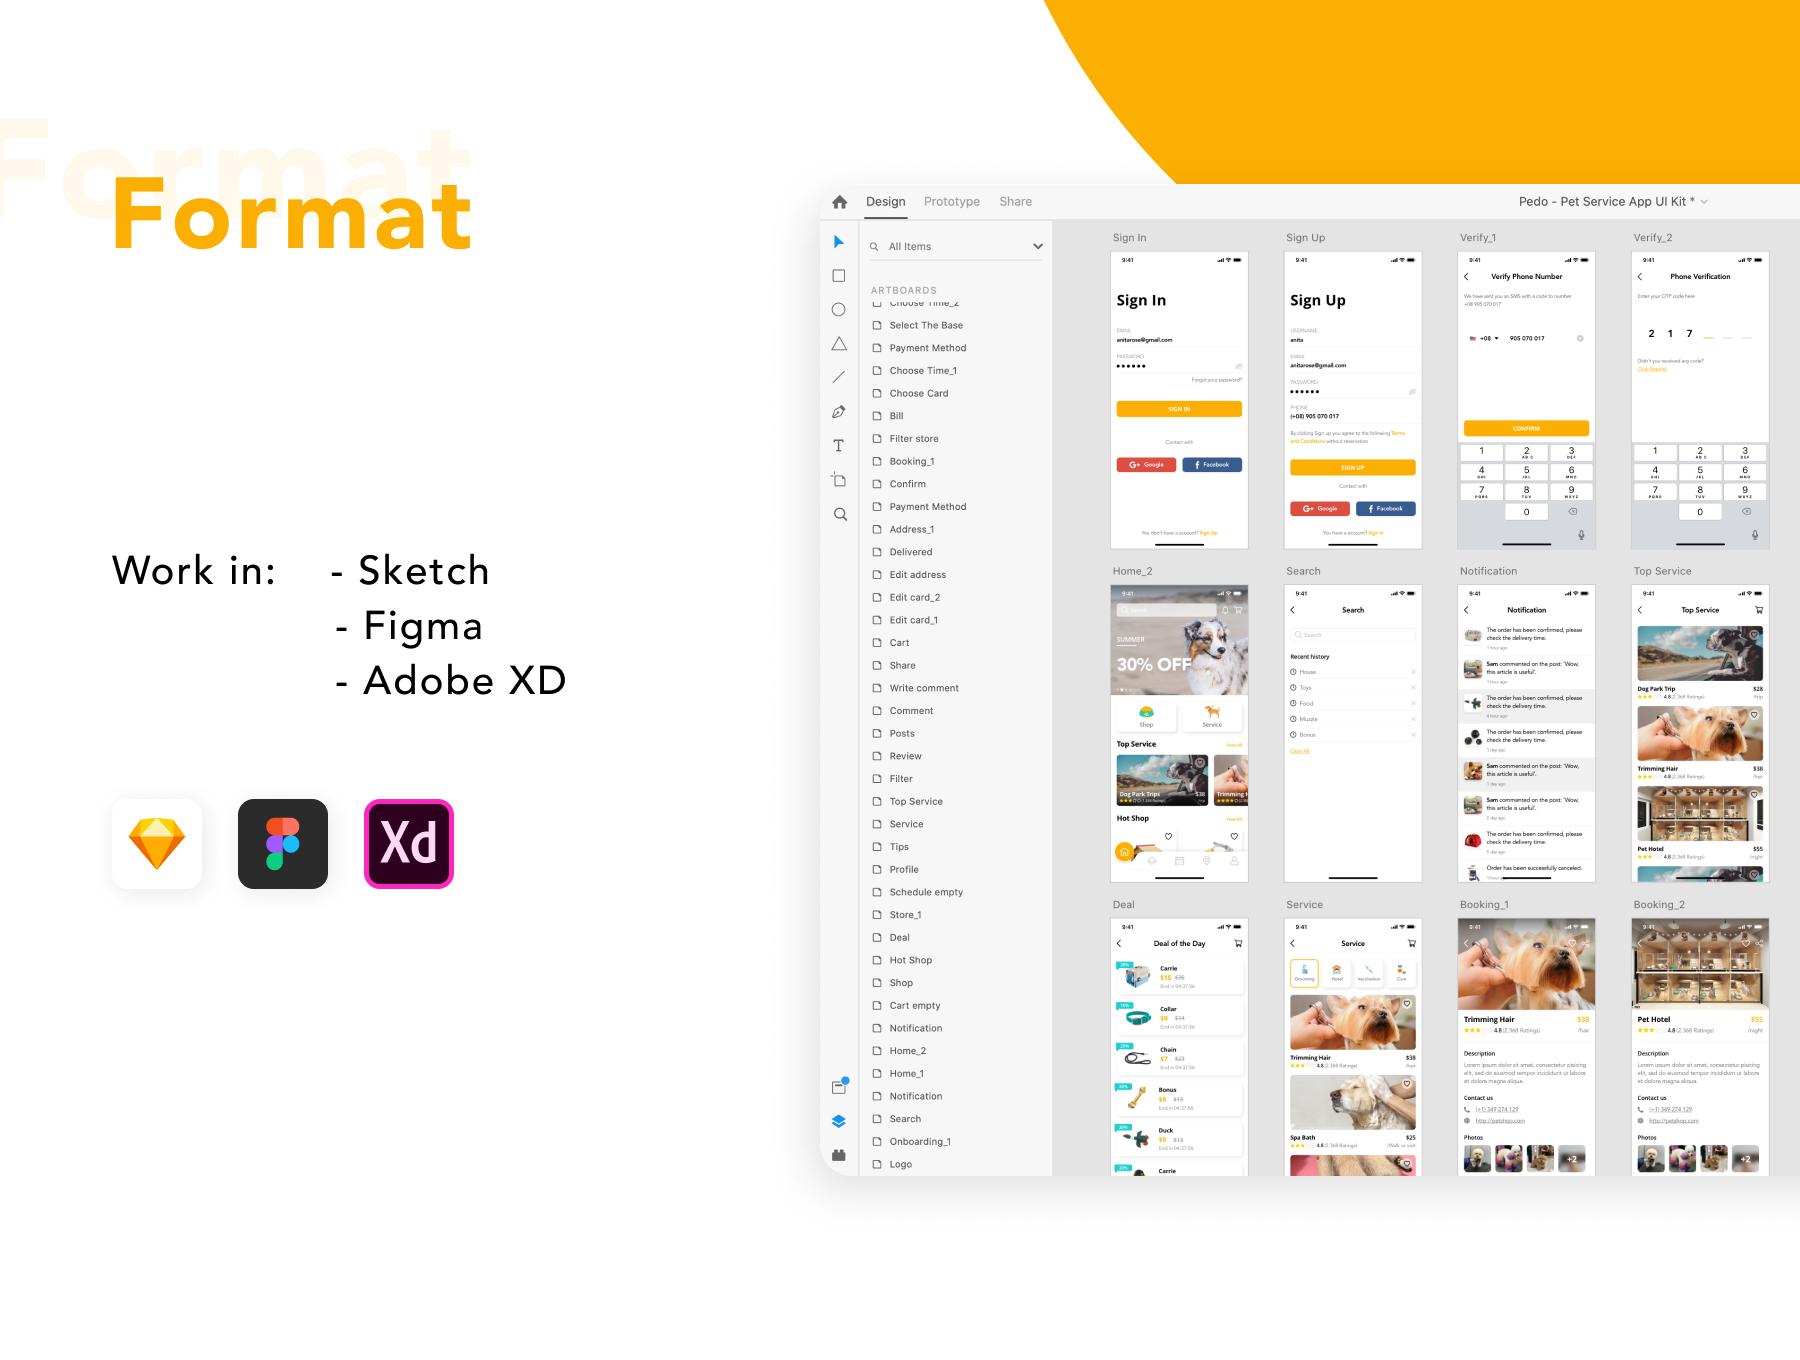 简洁宠物服务APP应用程序设计UI套件 Pedoz – Pet Service App UI Kit插图3